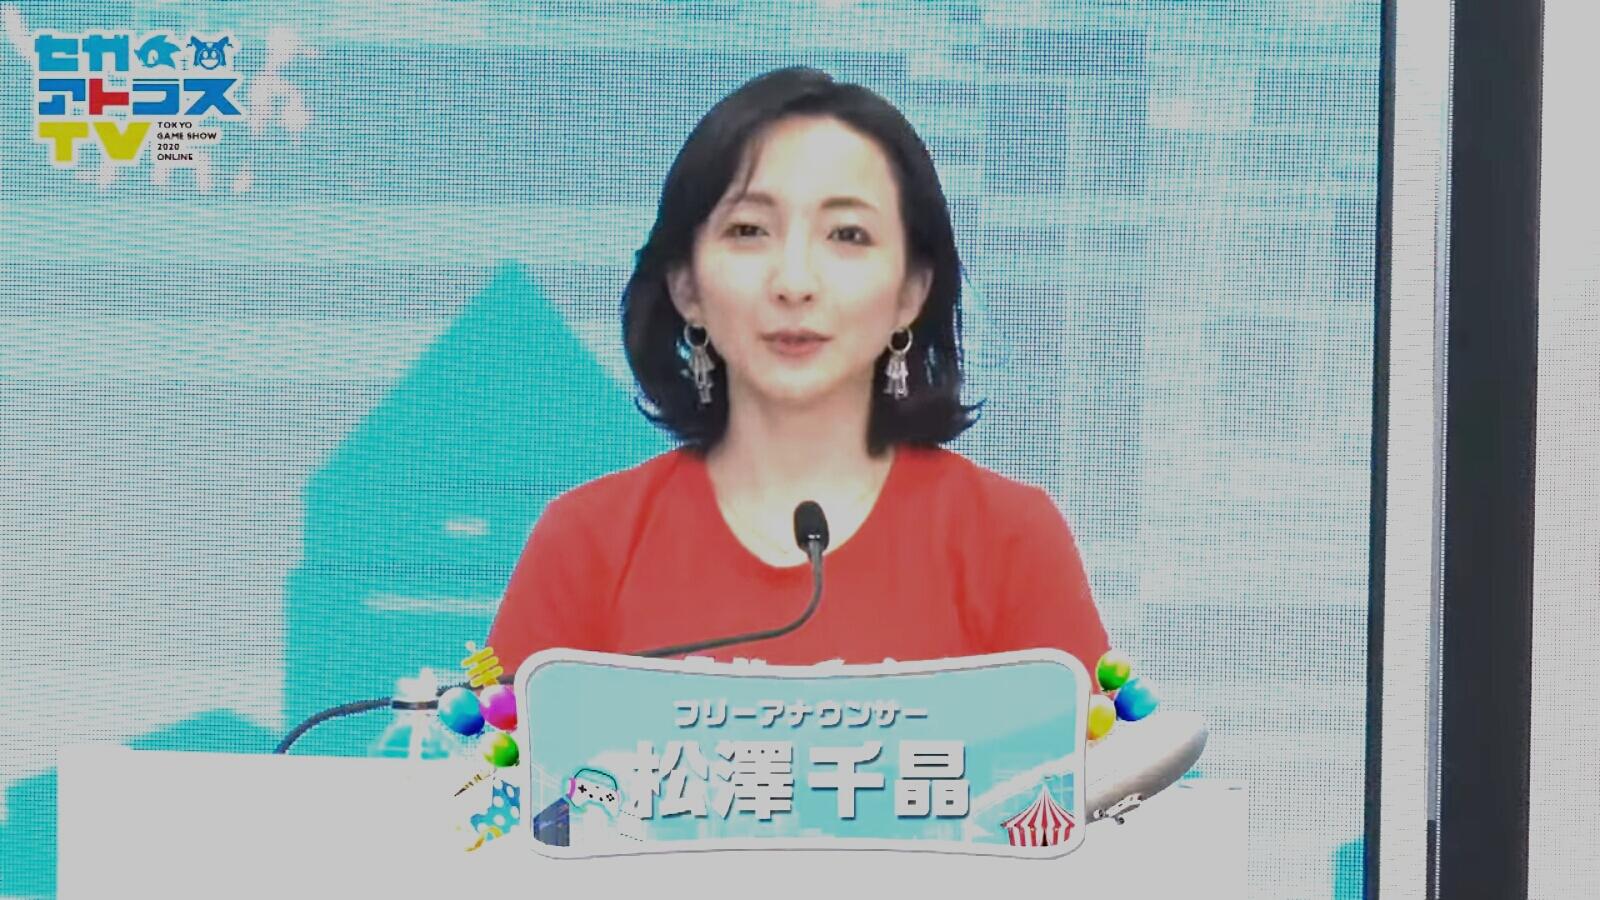 ゲストMCはフリーアナウンサーの松澤千晶氏が務めたが、言葉の端々から「メガテン」マニア感が伝わる